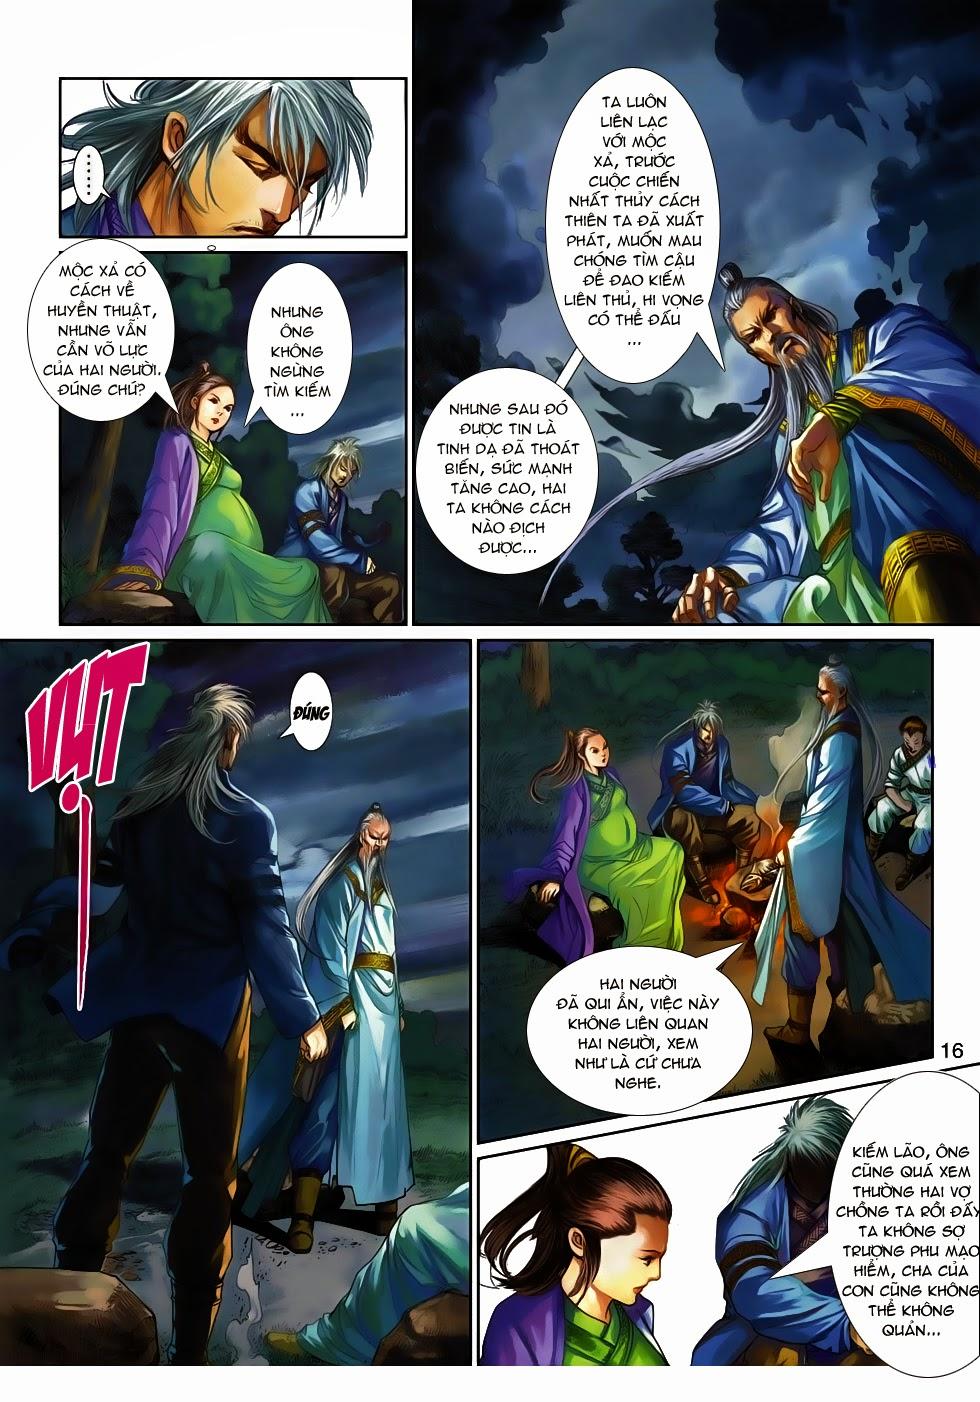 Thần Binh Tiền Truyện 4 - Huyền Thiên Tà Đế chap 14 - Trang 16